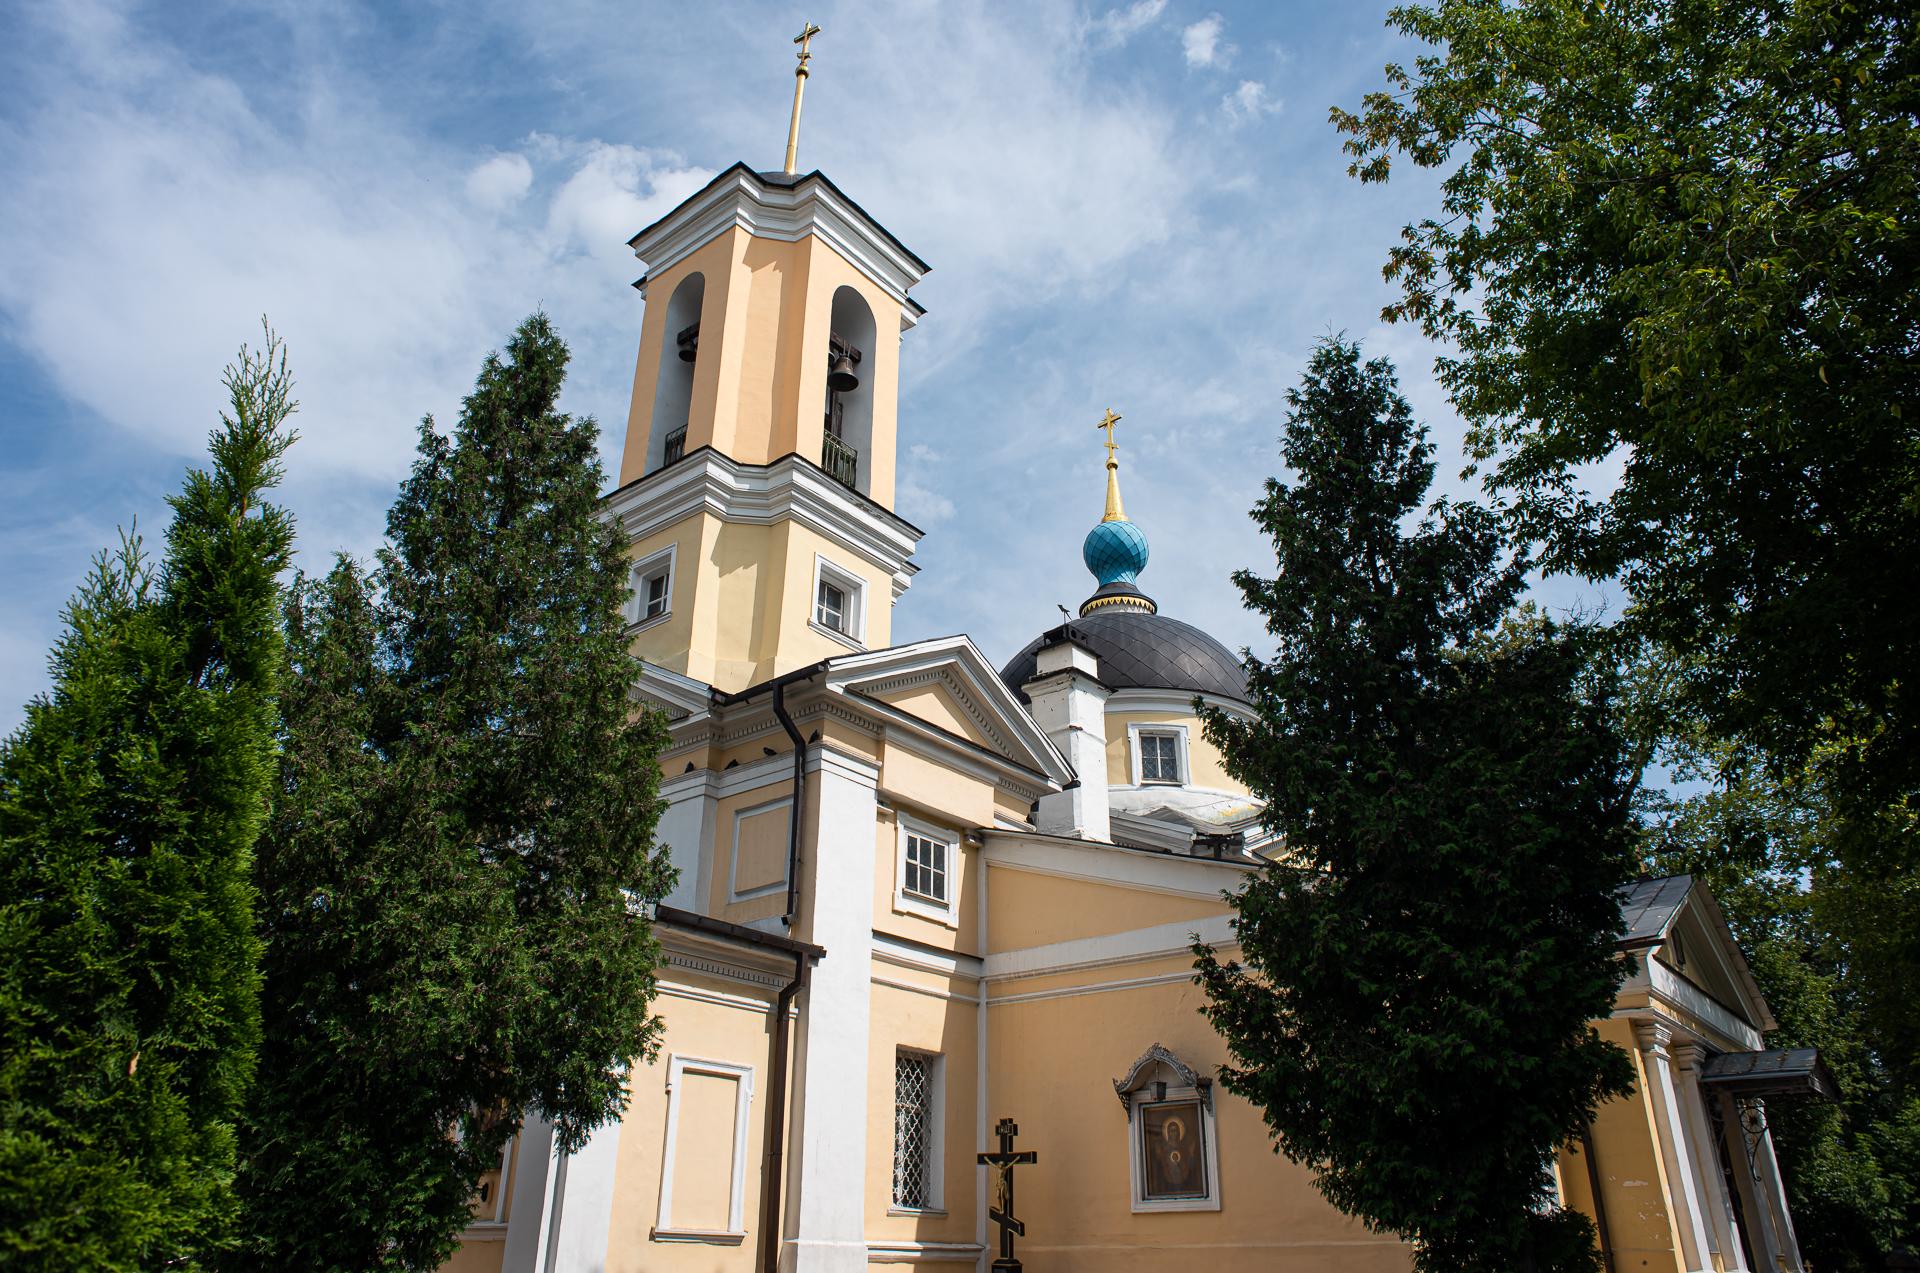 Королёв, Церковь Косьмы и Дамиана